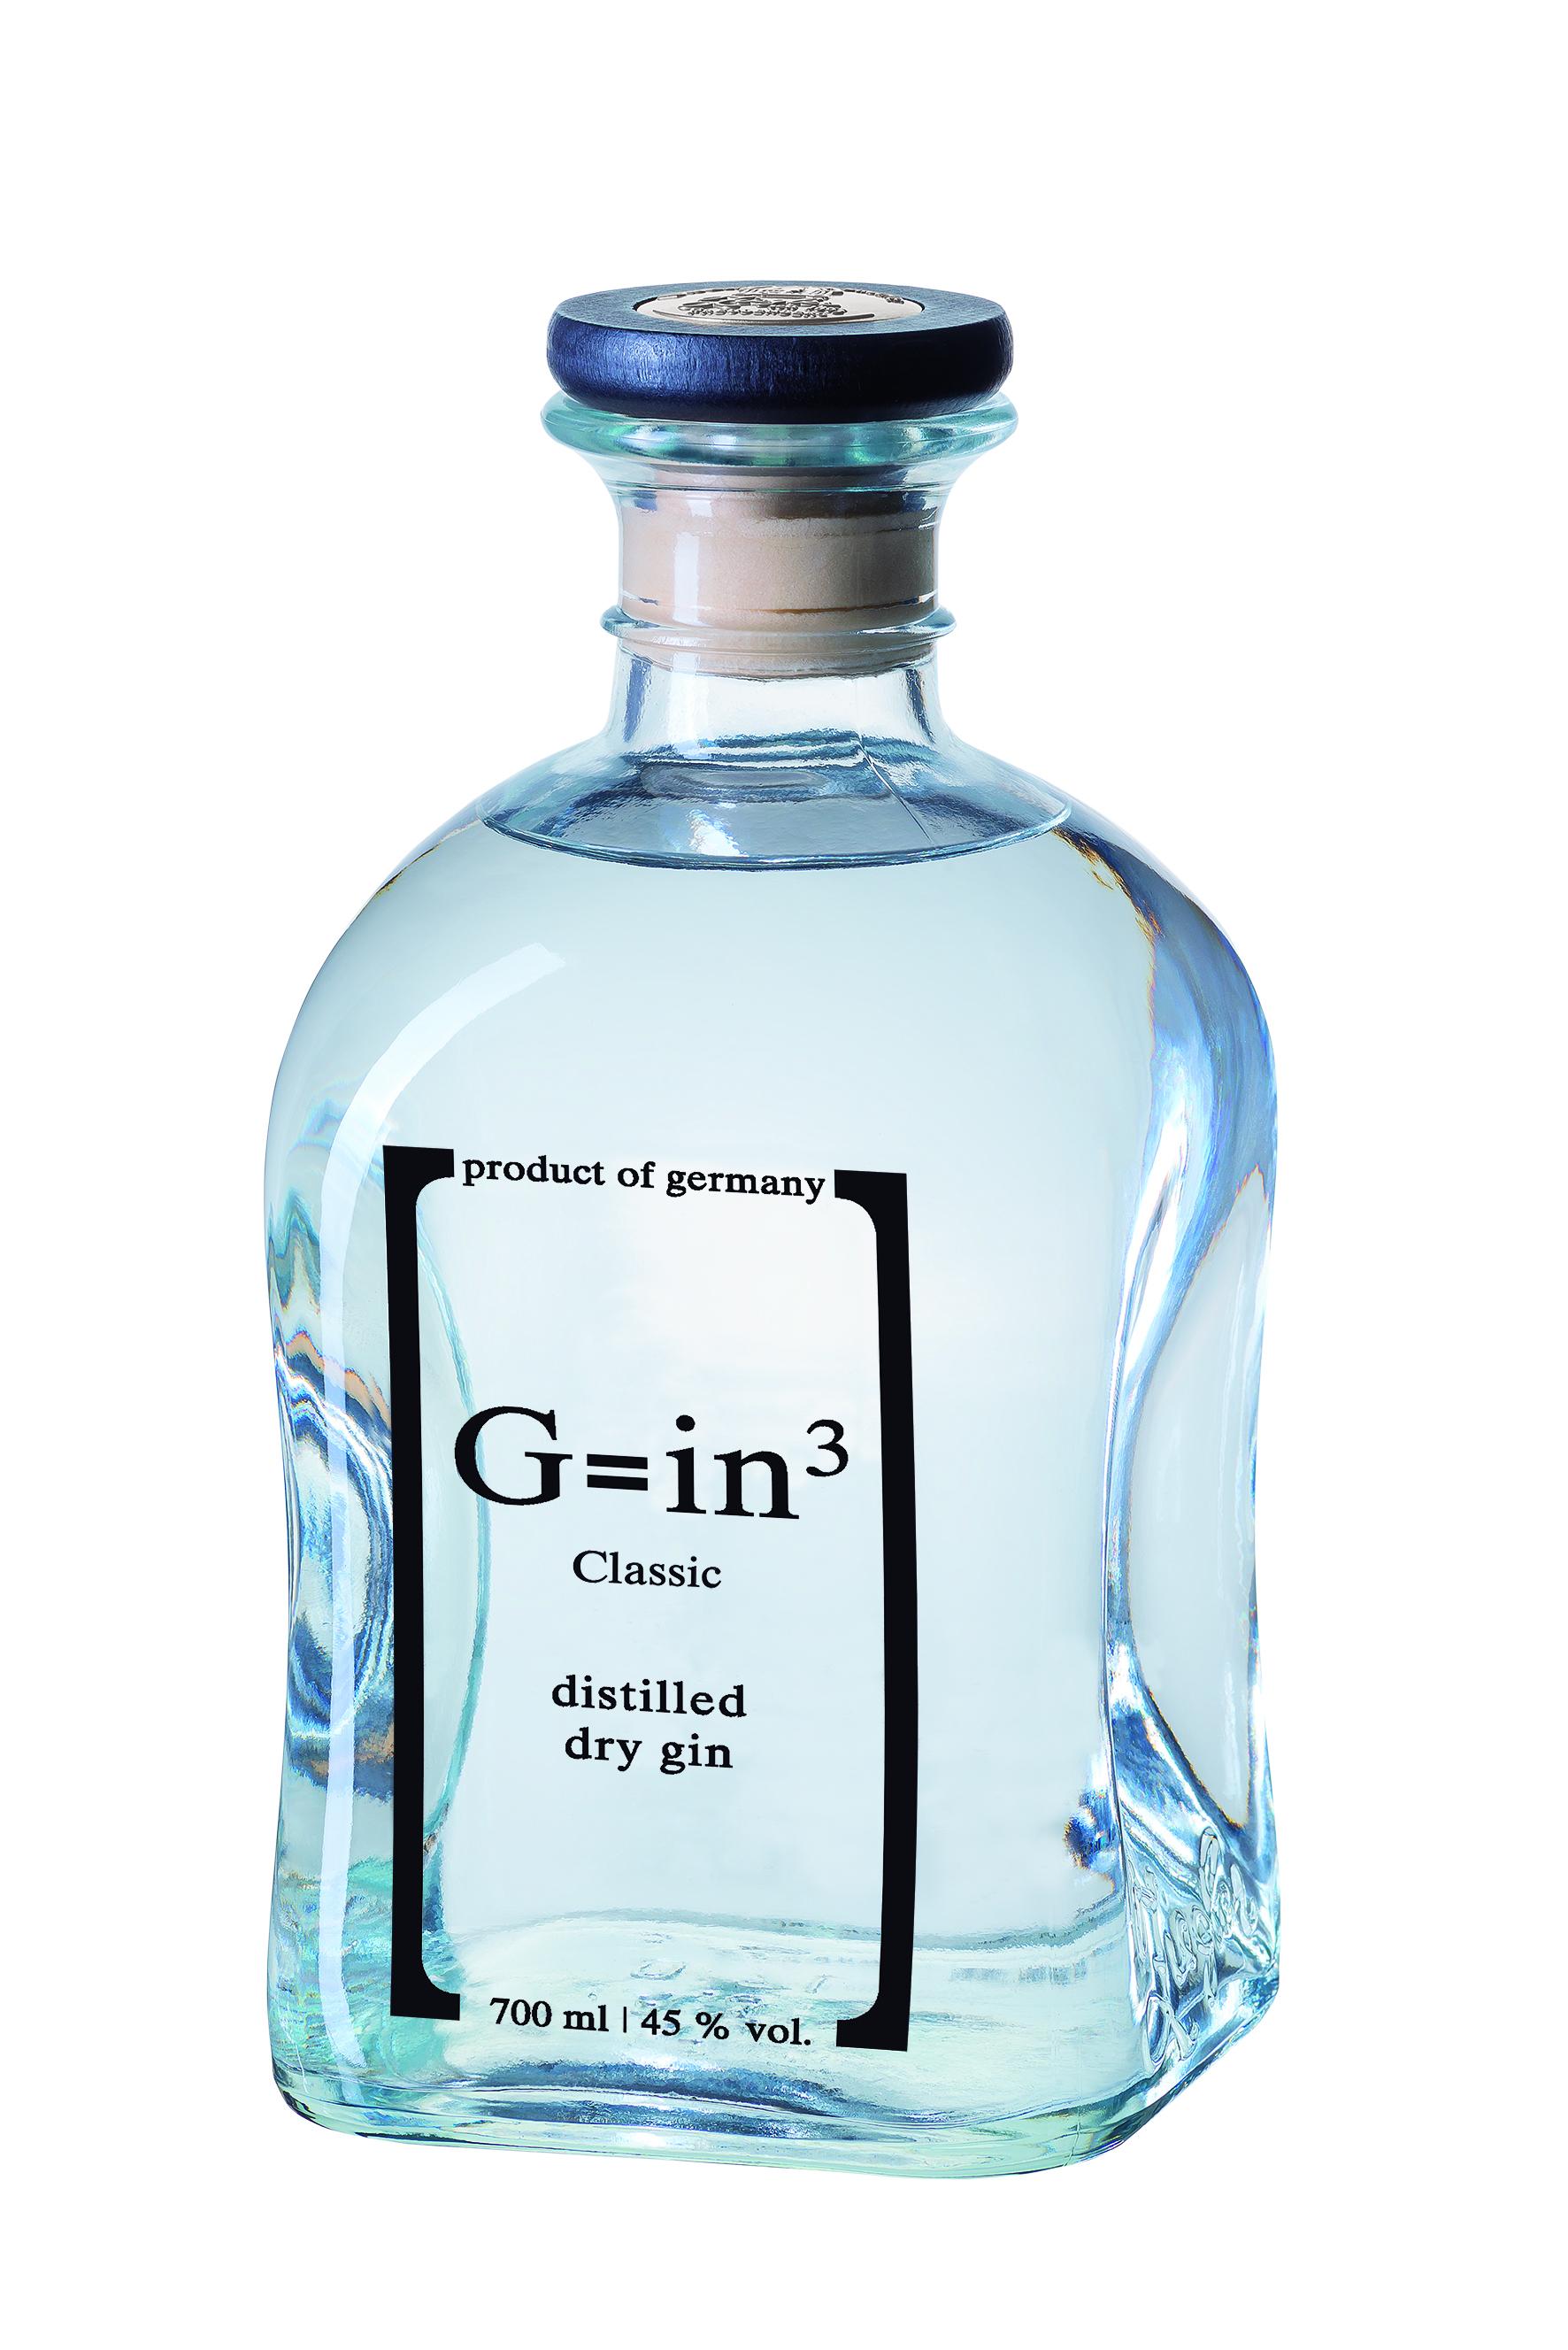 Ziegler Gin Classic G=in³